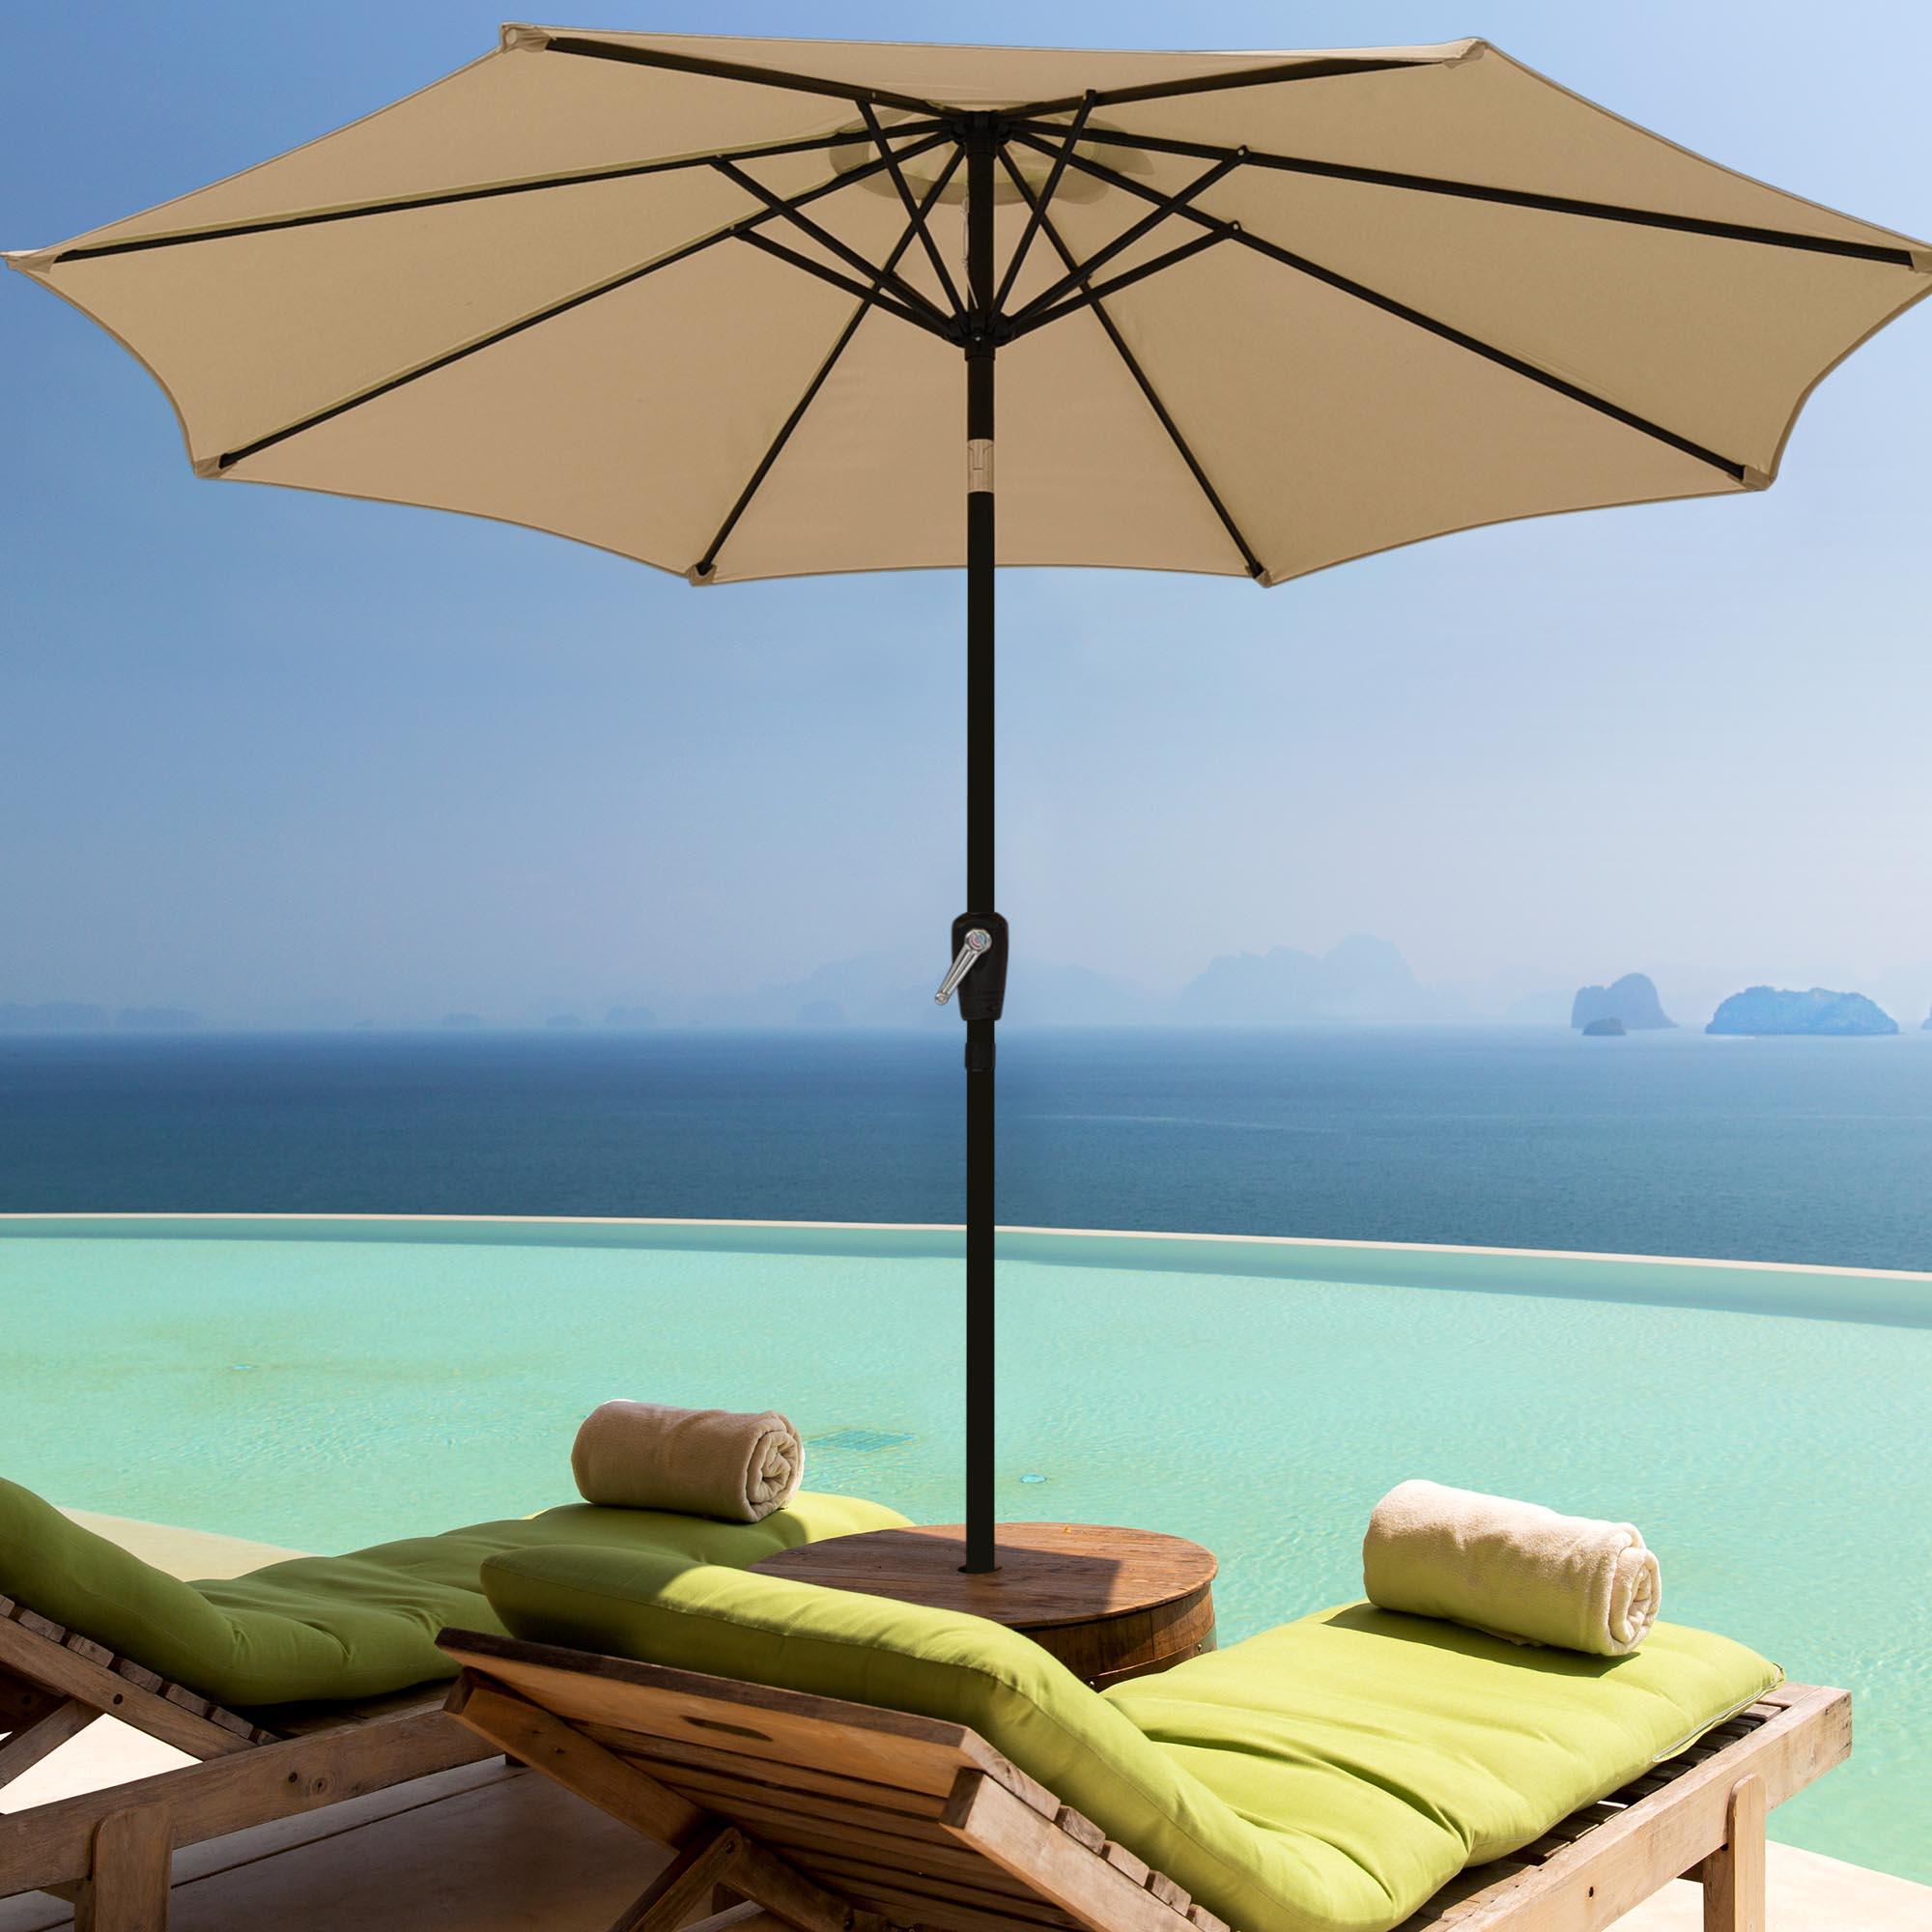 thumbnail 108 - 9' Outdoor Umbrella Patio 8 Ribs Market Garden Crank Tilt Beach Sunshade Parasol